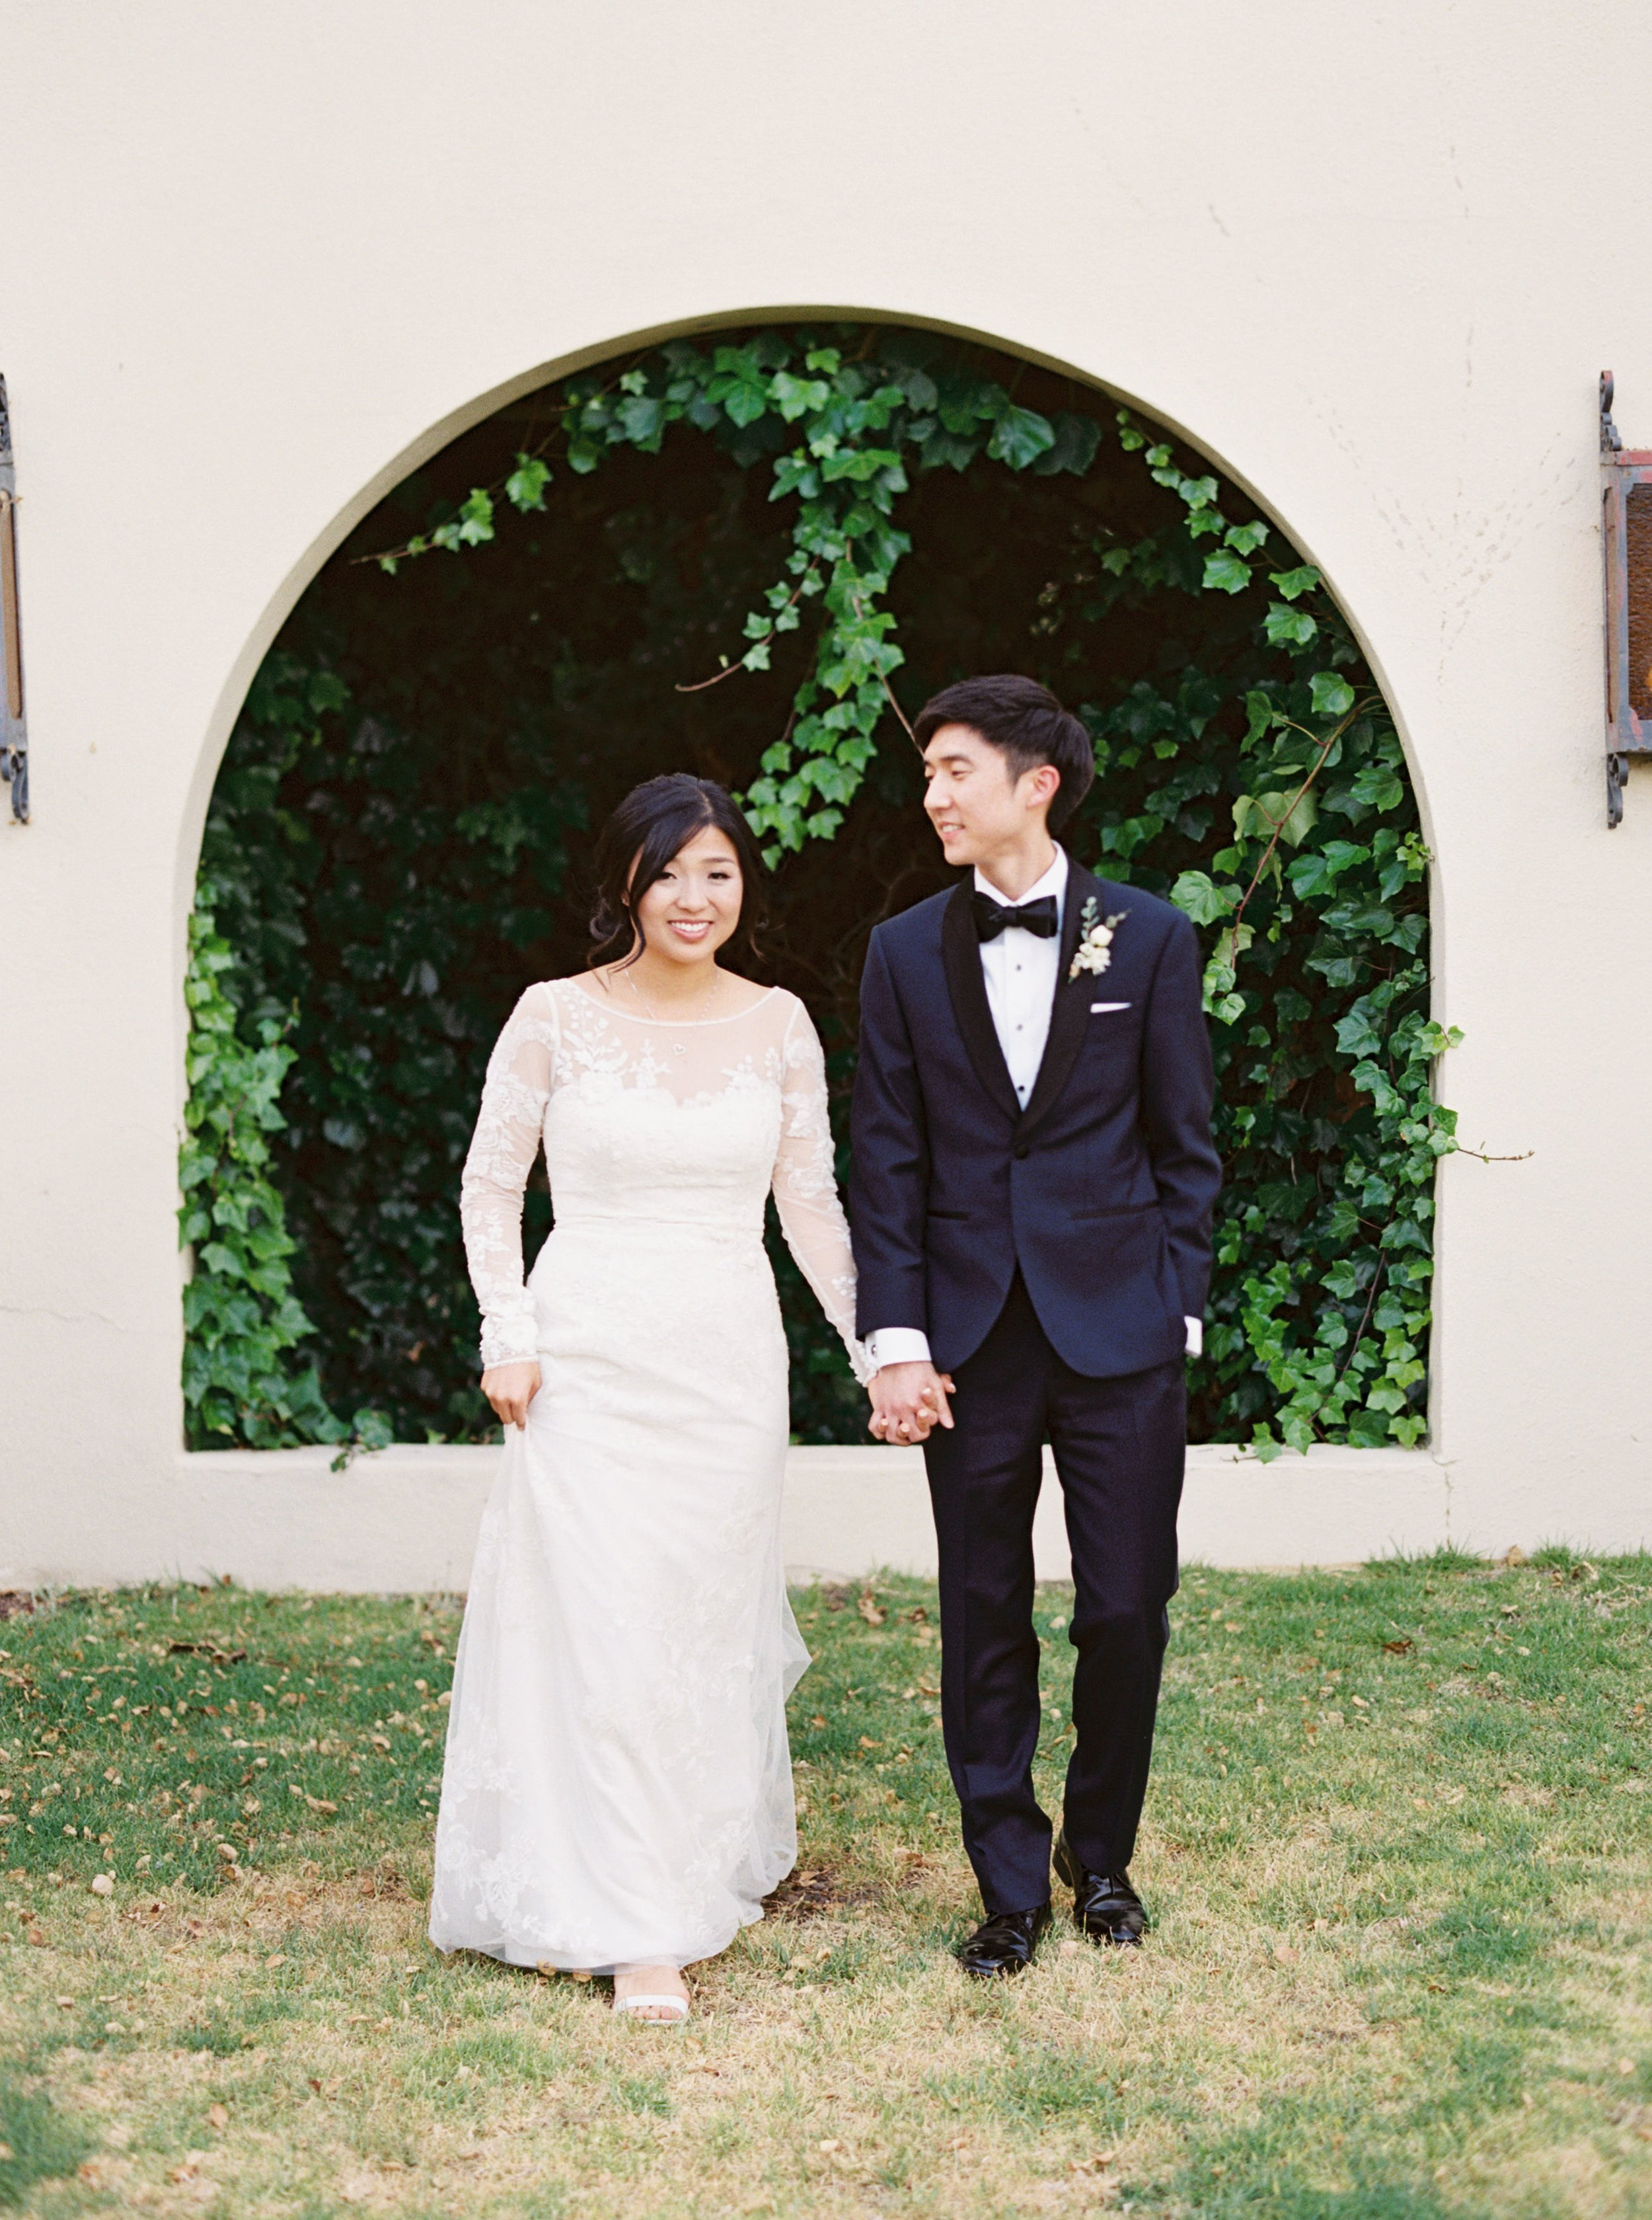 carmel-wedding-at-wedgewood-carmel-california-62.jpg